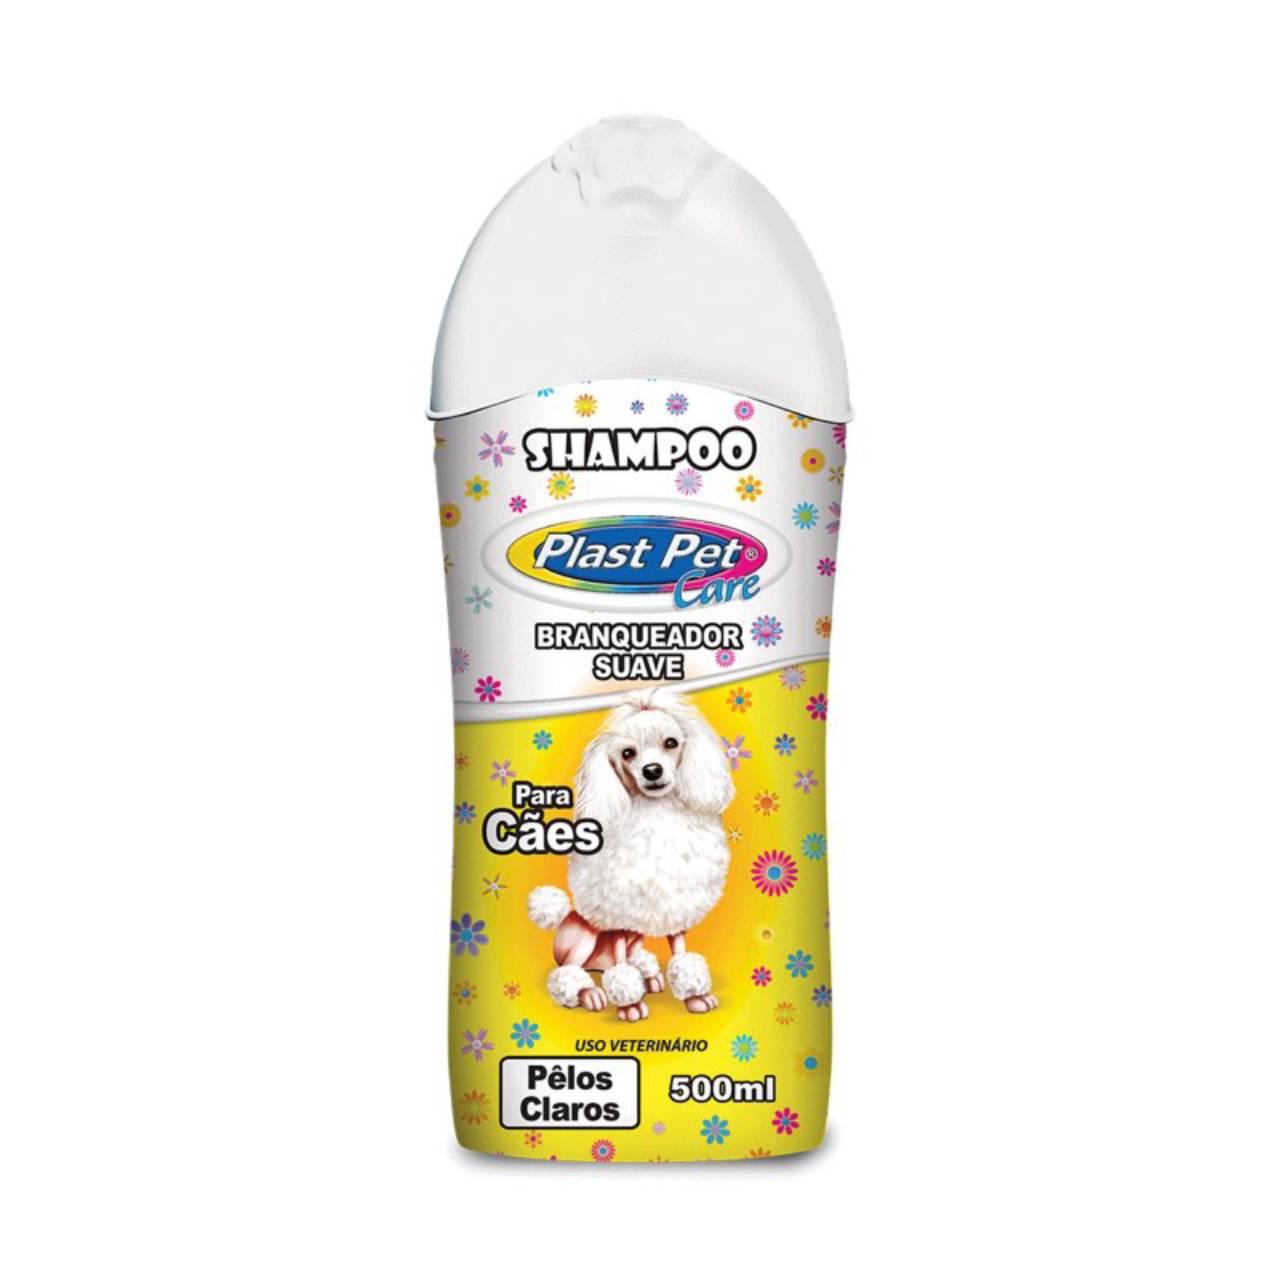 Shampoo Plas Pet Care Pelos Claros